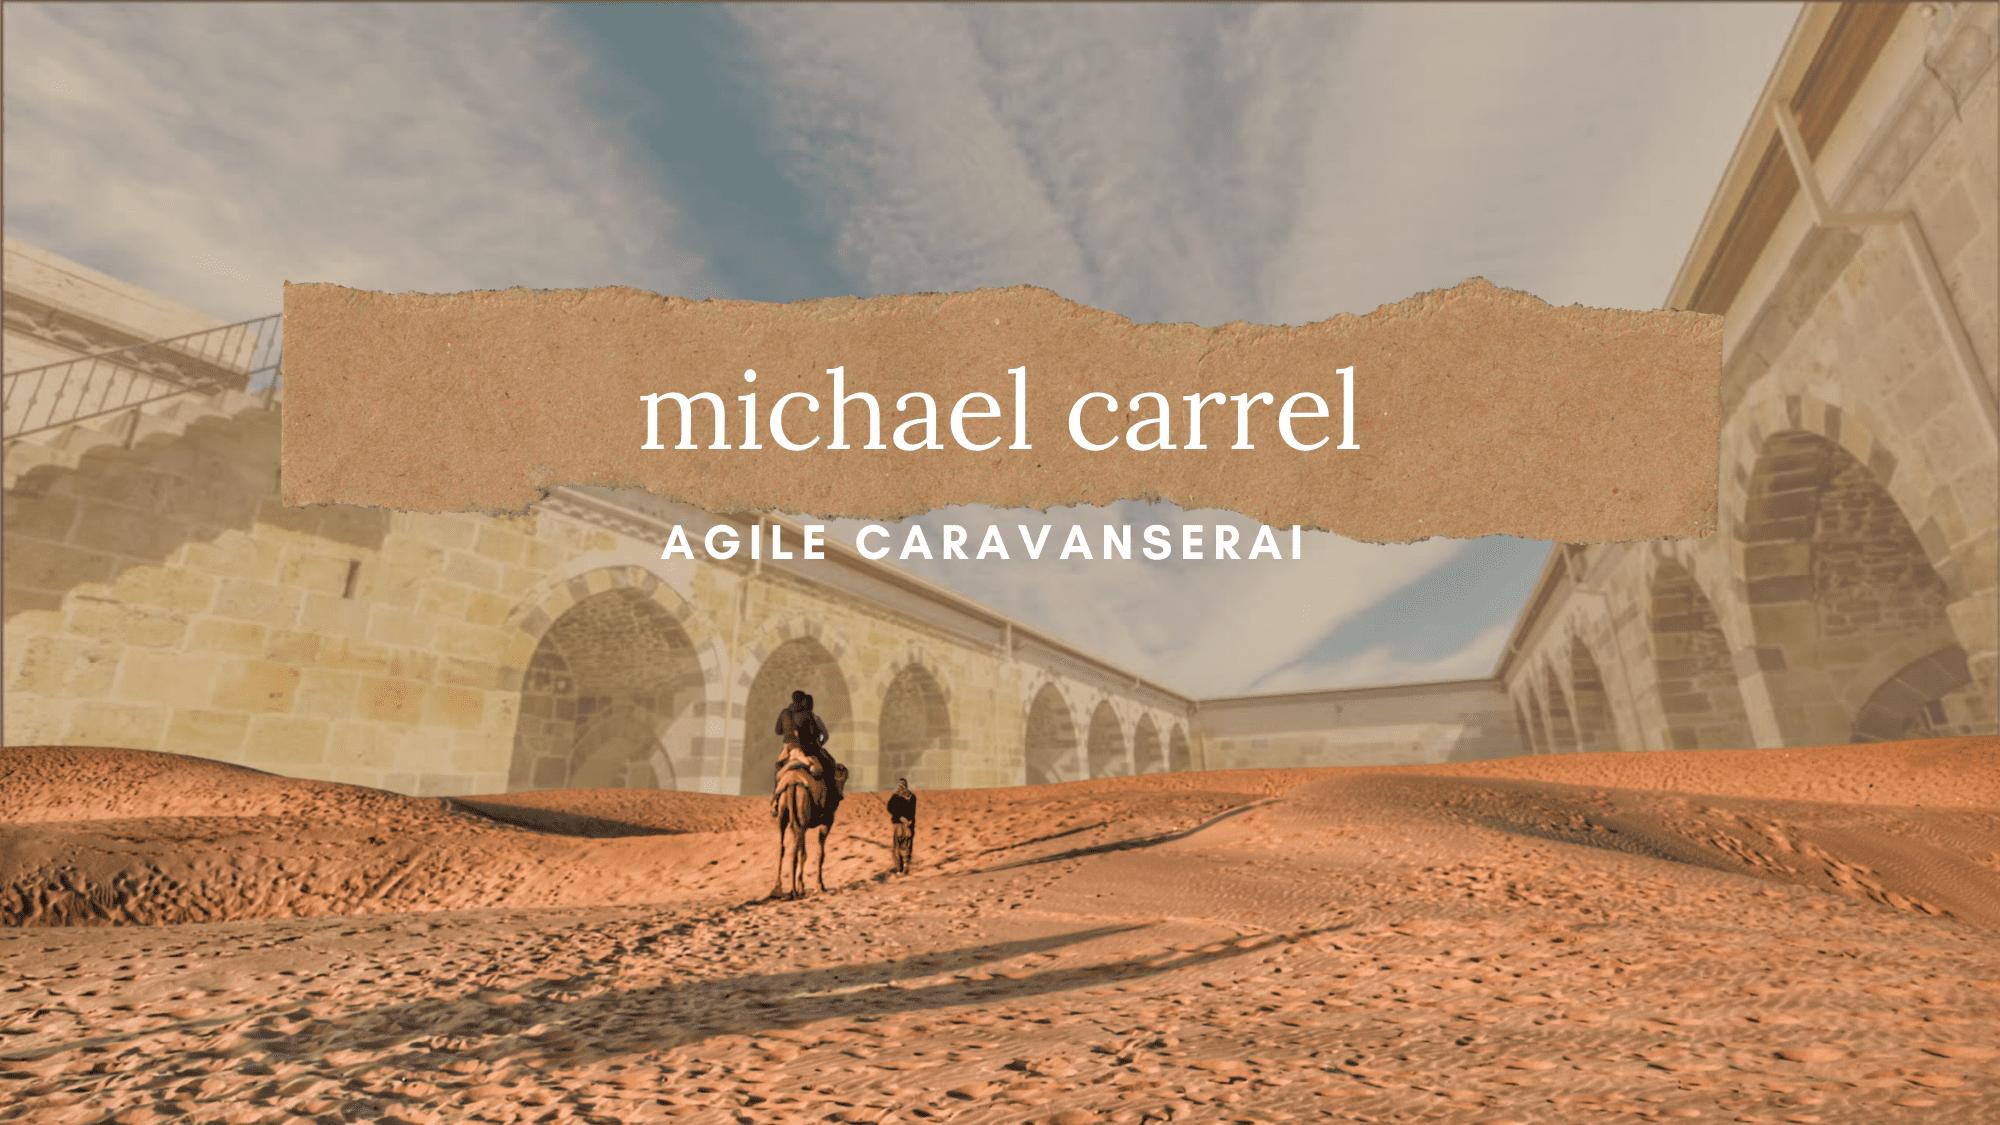 Agile Caravanserai Michael Carrel